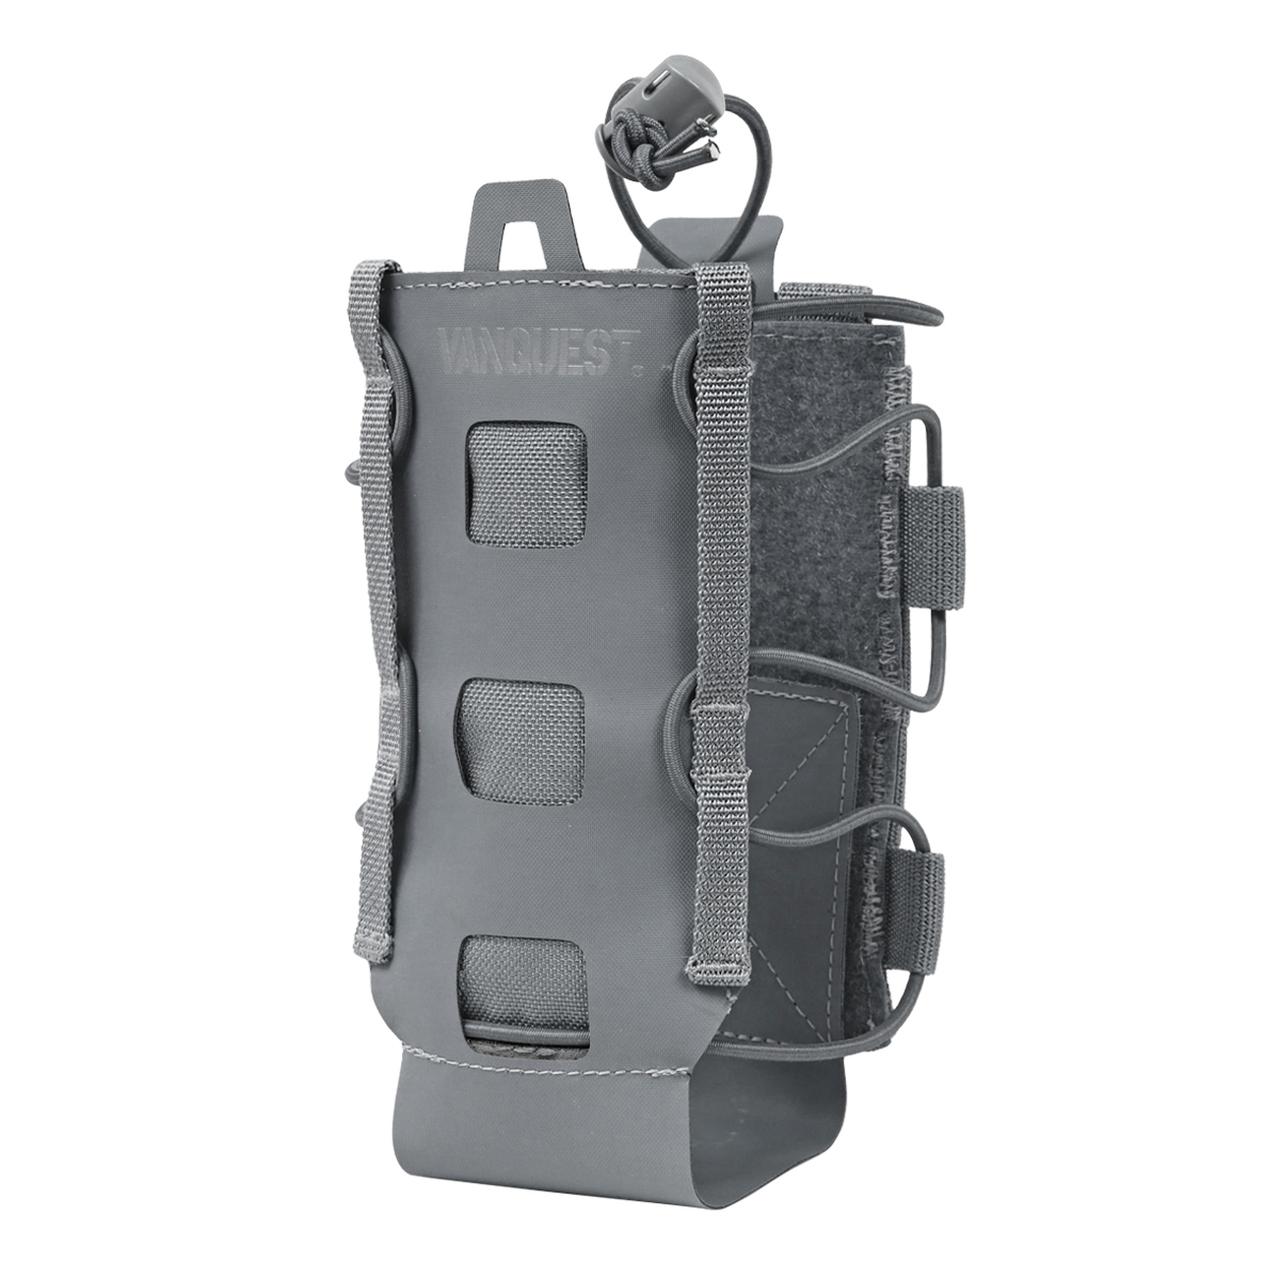 Pouch VANQUEST HYDRA Water Bottle Holder – Wolf Grey